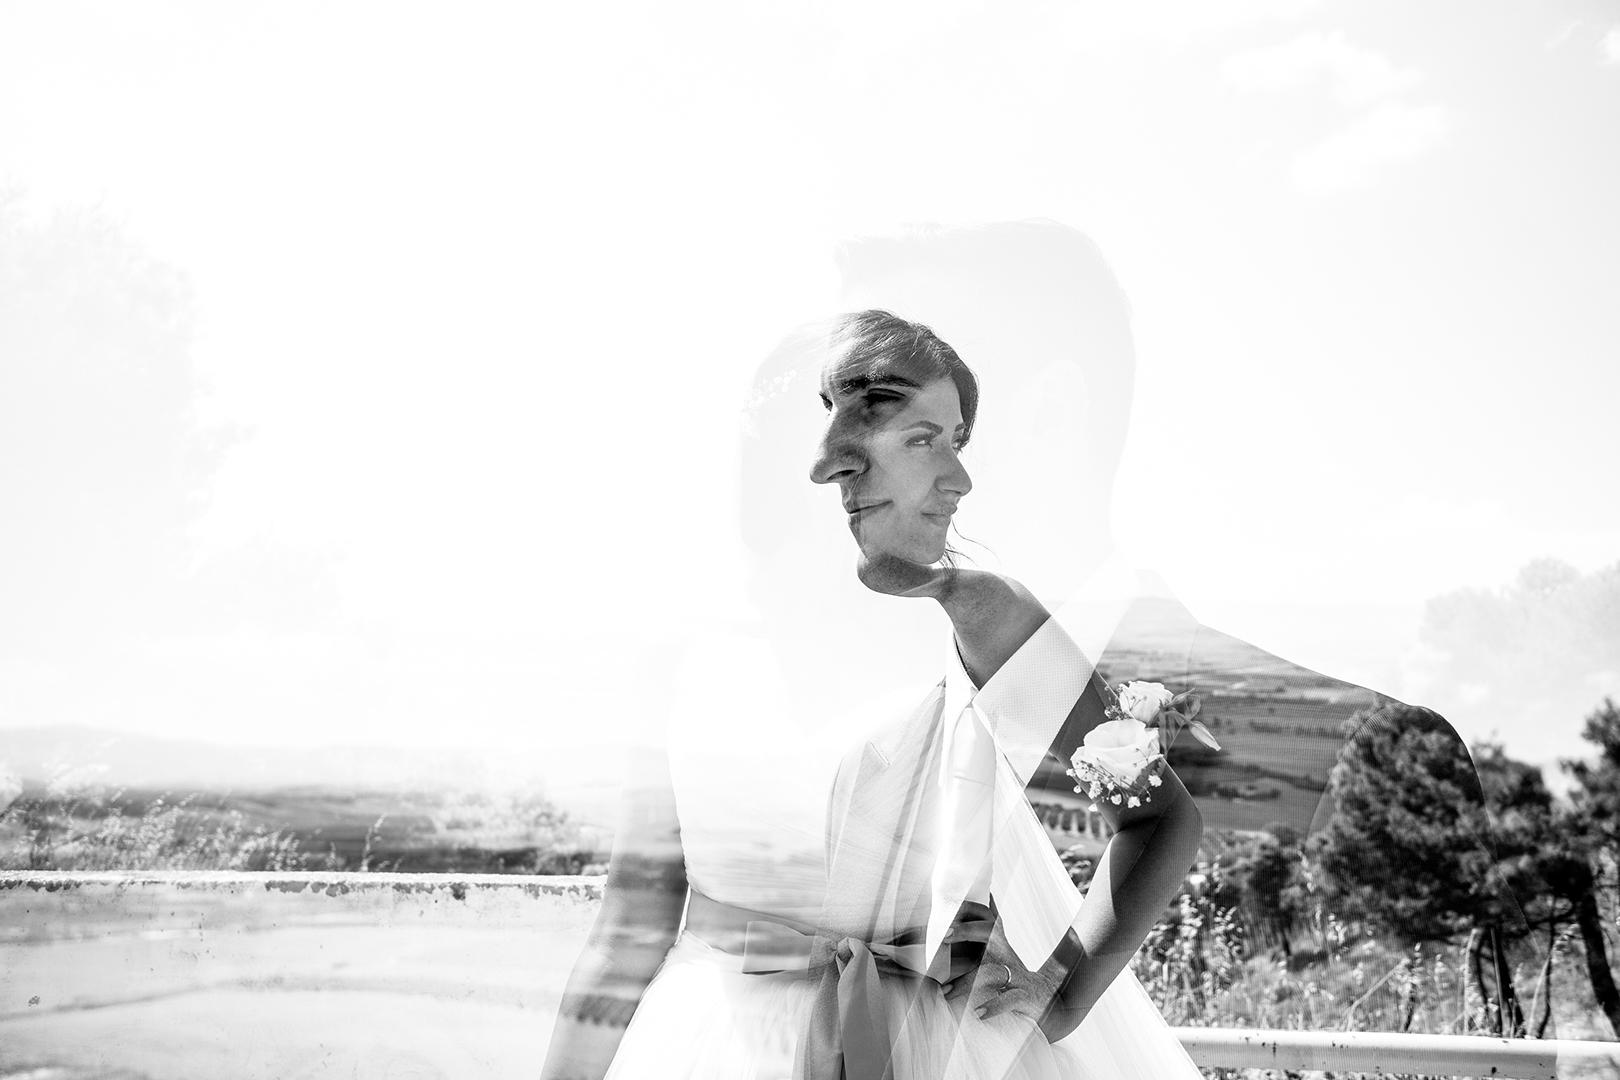 46 gianni-lepore-doppia-esposizione-bianco-nero-lucera-italia-sposi-bride-groom-wedding-fineart